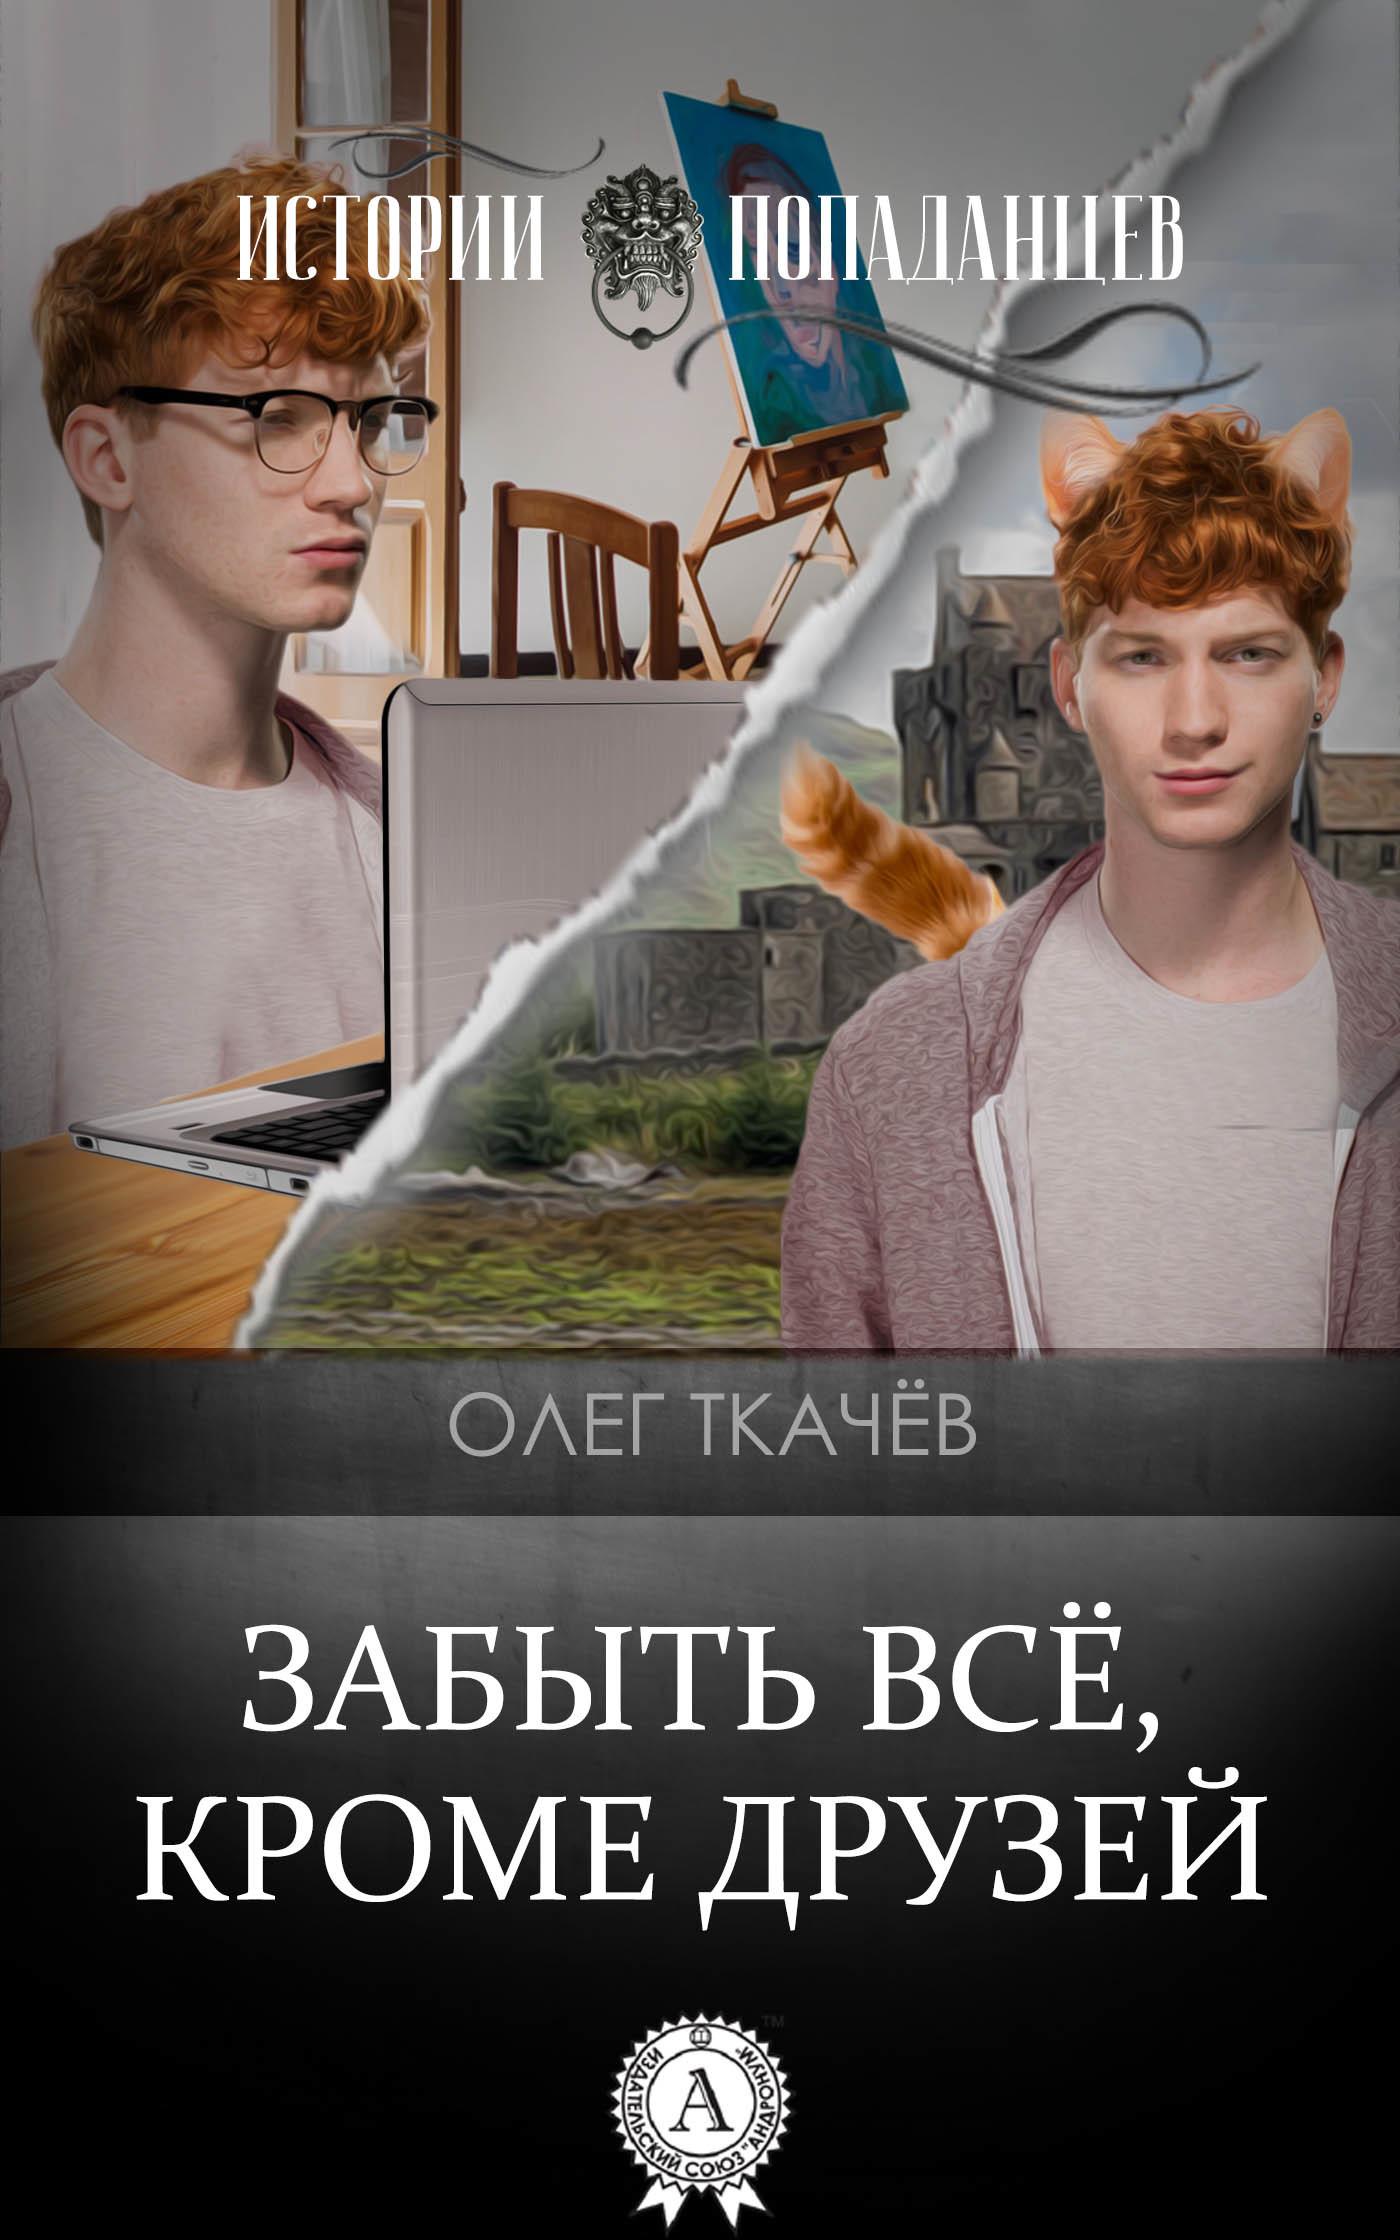 Красивая обложка книги 26/48/40/26484027.bin.dir/26484027.cover.jpg обложка